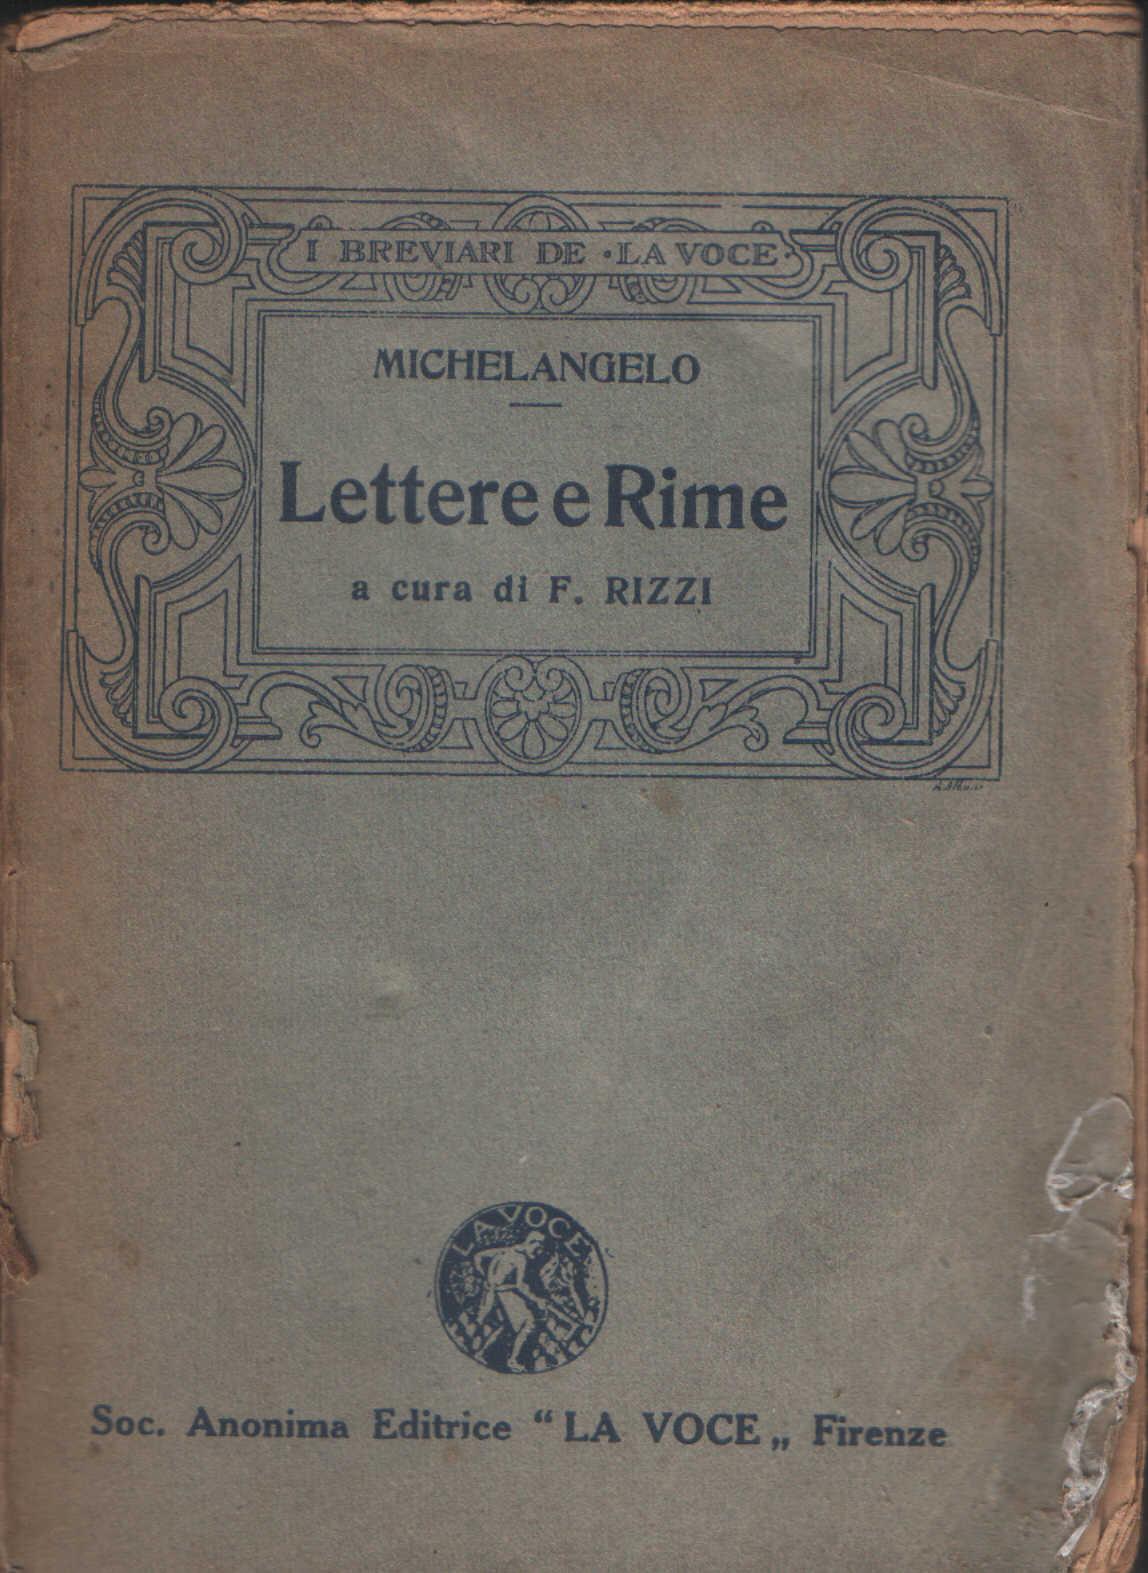 Dalle Lettere e dalle rime